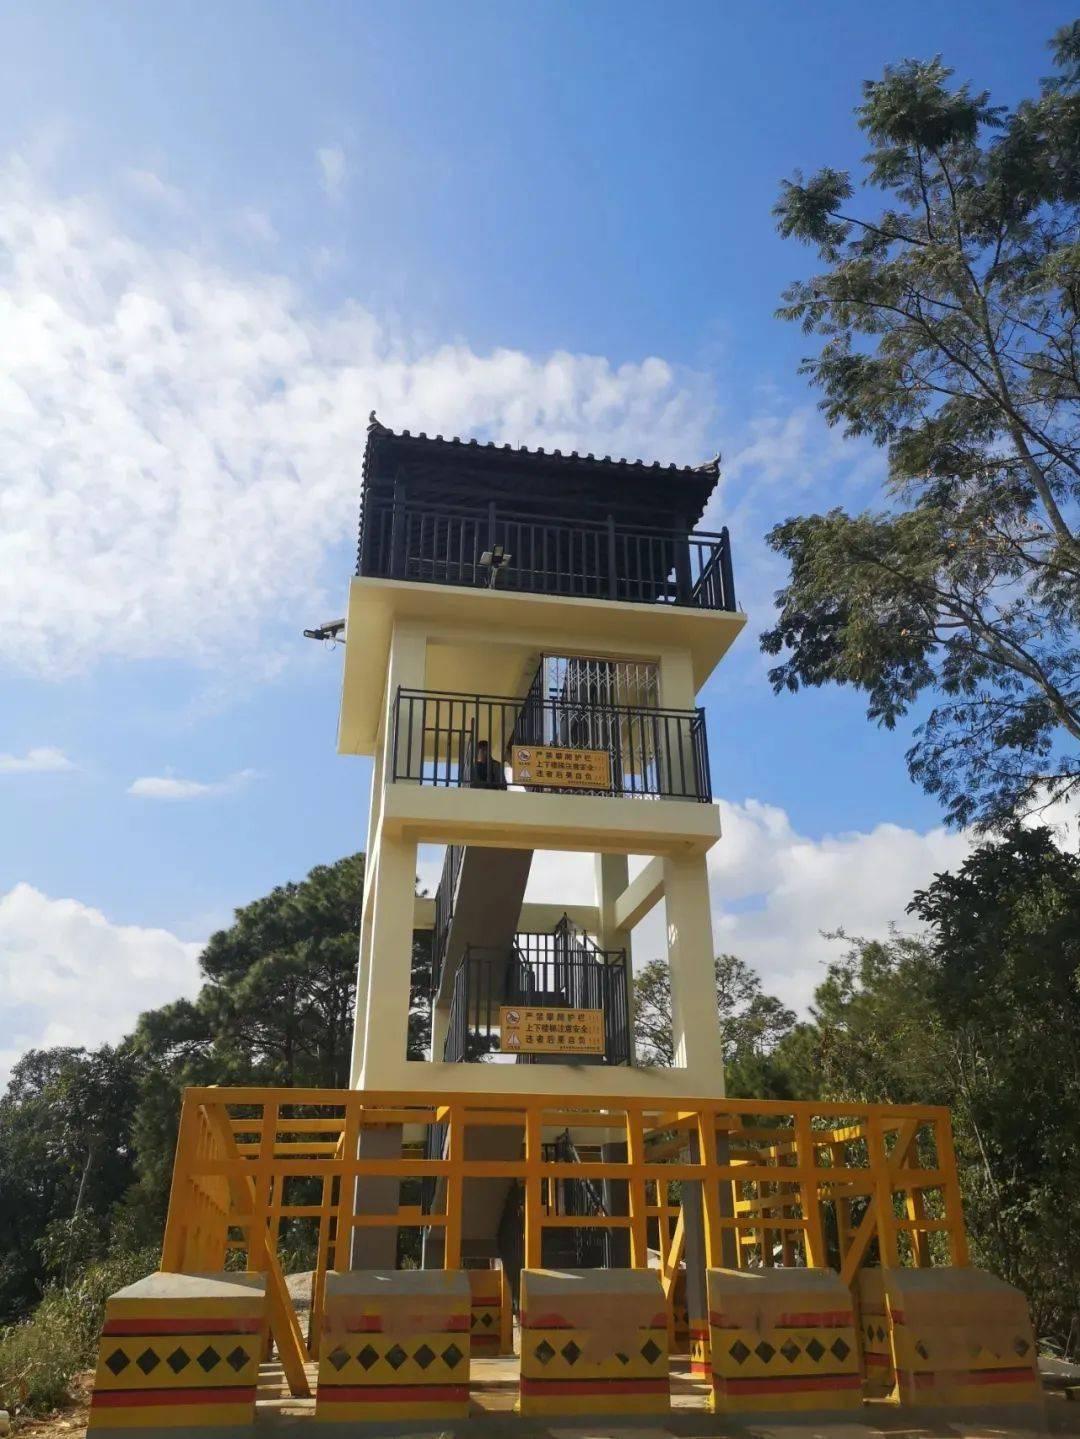 可用于紧急避险!普洱建成国内首个亚洲象监测塔